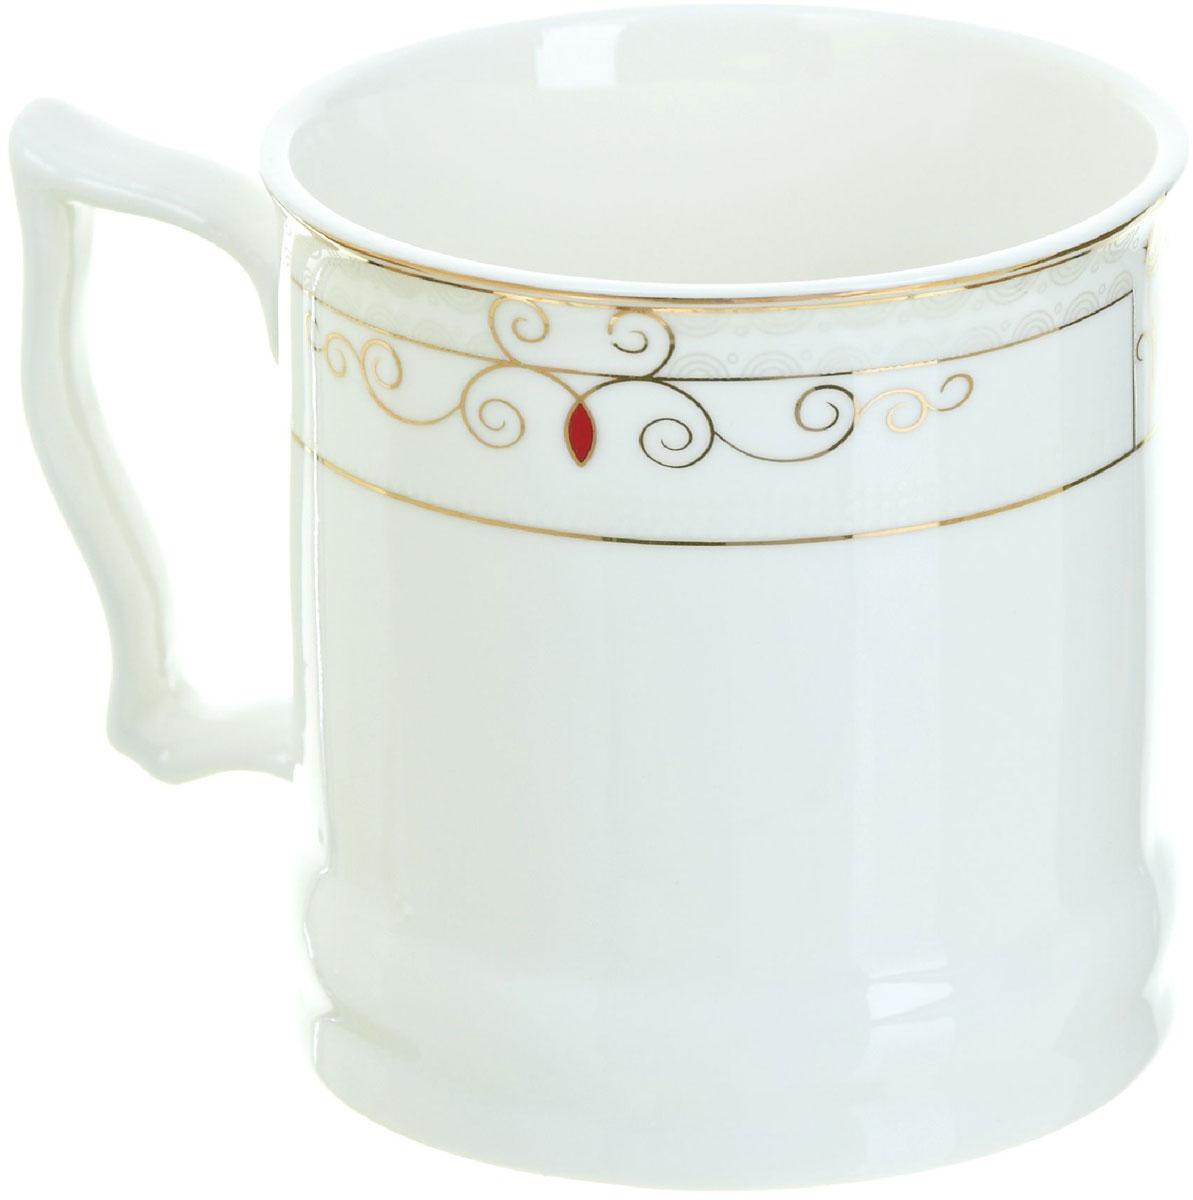 Кружка BHP Королевская кружка, 500 мл. 18700031870003Оригинальная кружка Best Home Porcelain, выполненная из высококачественного фарфора, сочетает в себе простой, утонченный дизайн с максимальной функциональностью.Можно использовать в посудомоечной машине.